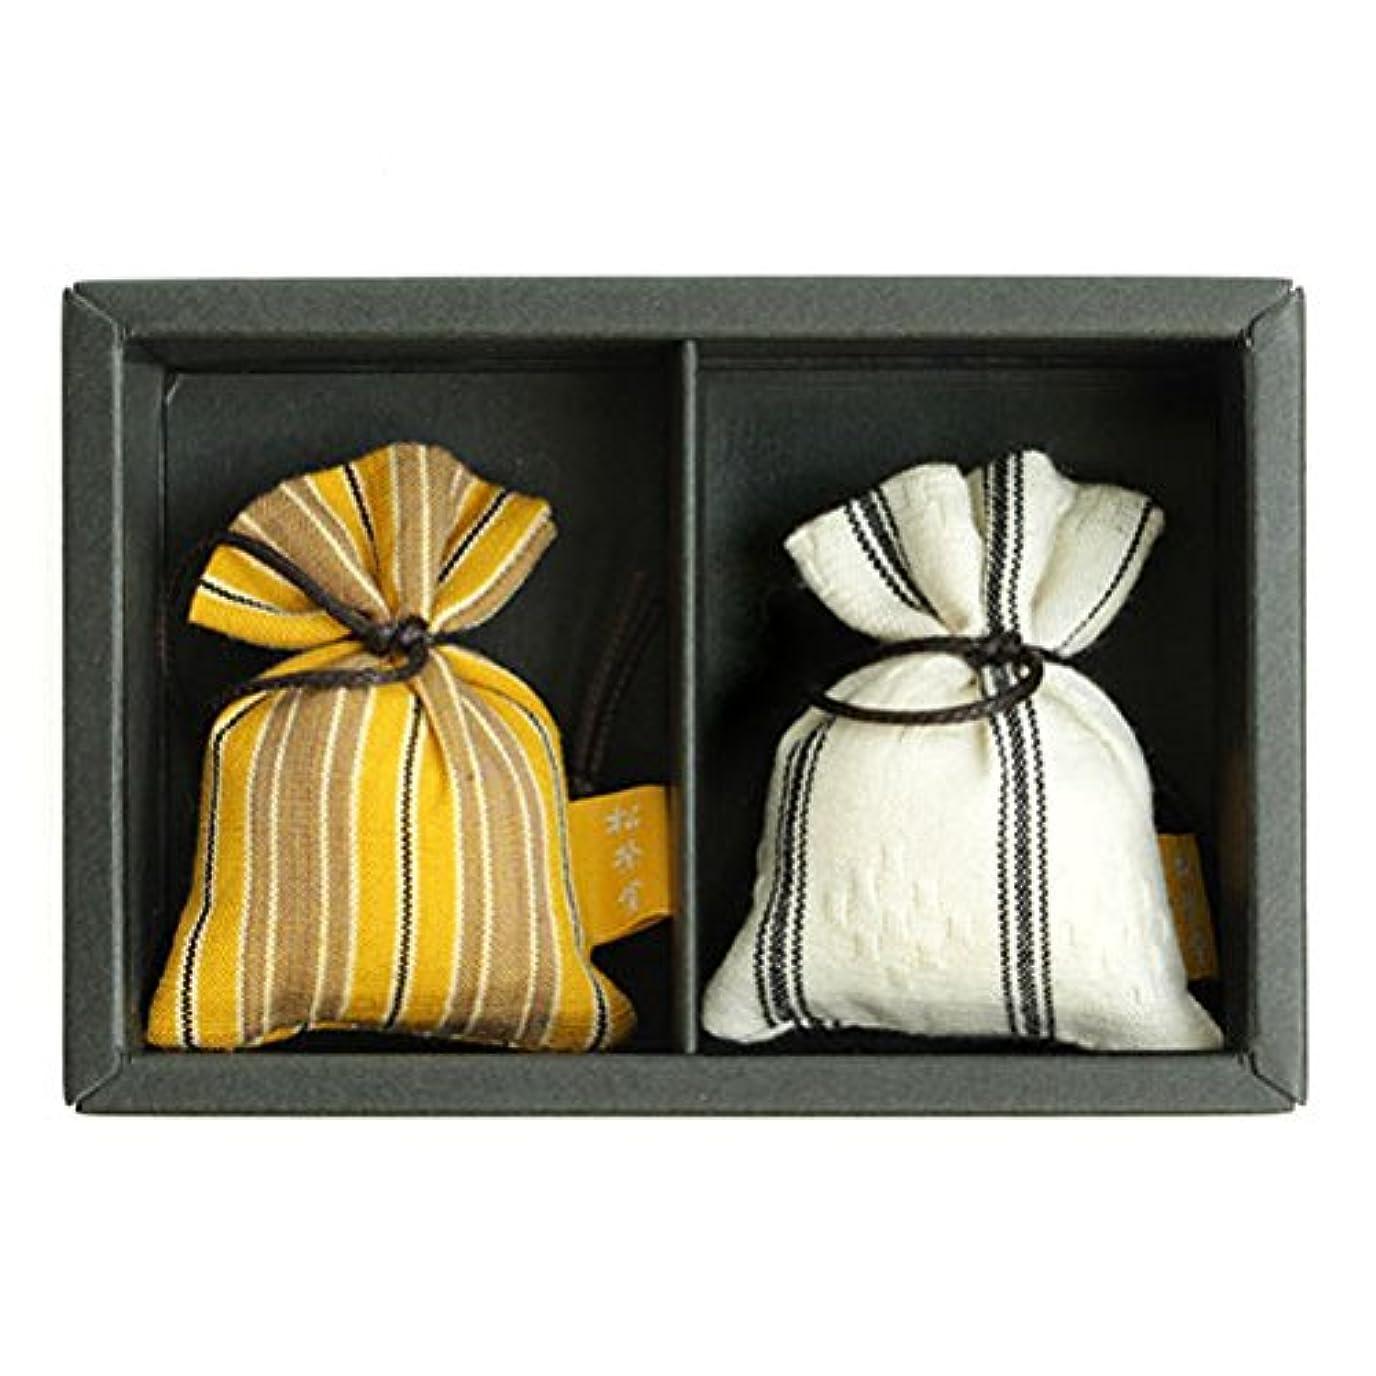 ドームイル豊かな匂い袋 誰が袖 ルリック(縞) 2個入 松栄堂 Shoyeido 本体長さ60mm (色?柄は選べません)